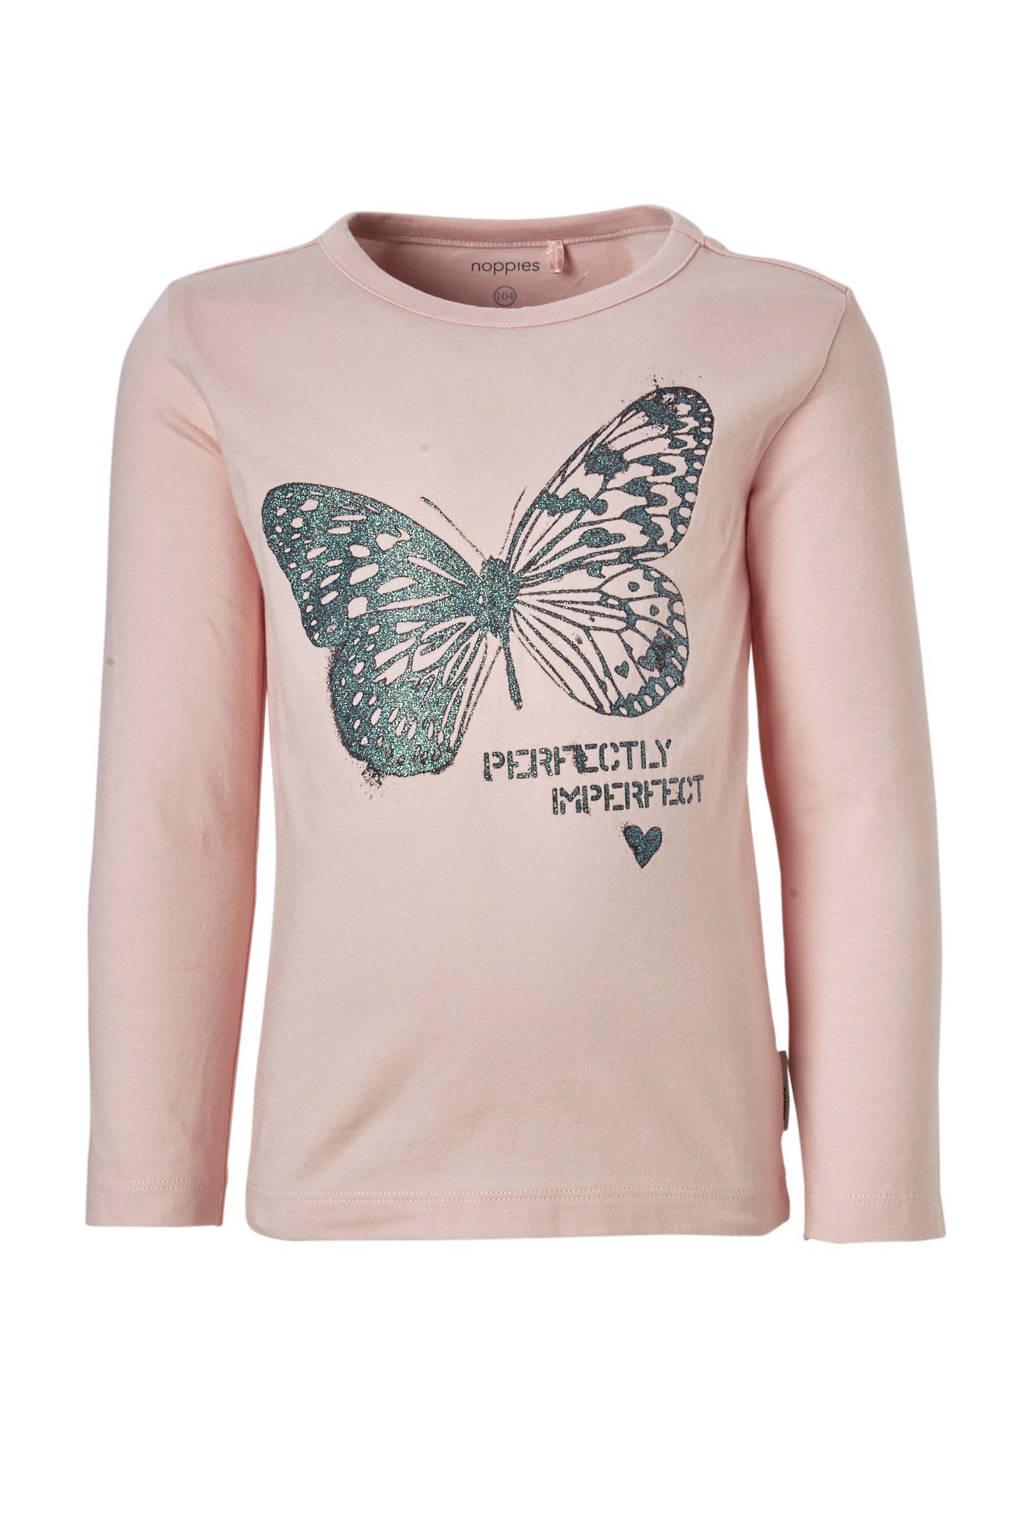 Noppies longsleeve Whitinsville met vlinder roze, lichtroze/groen